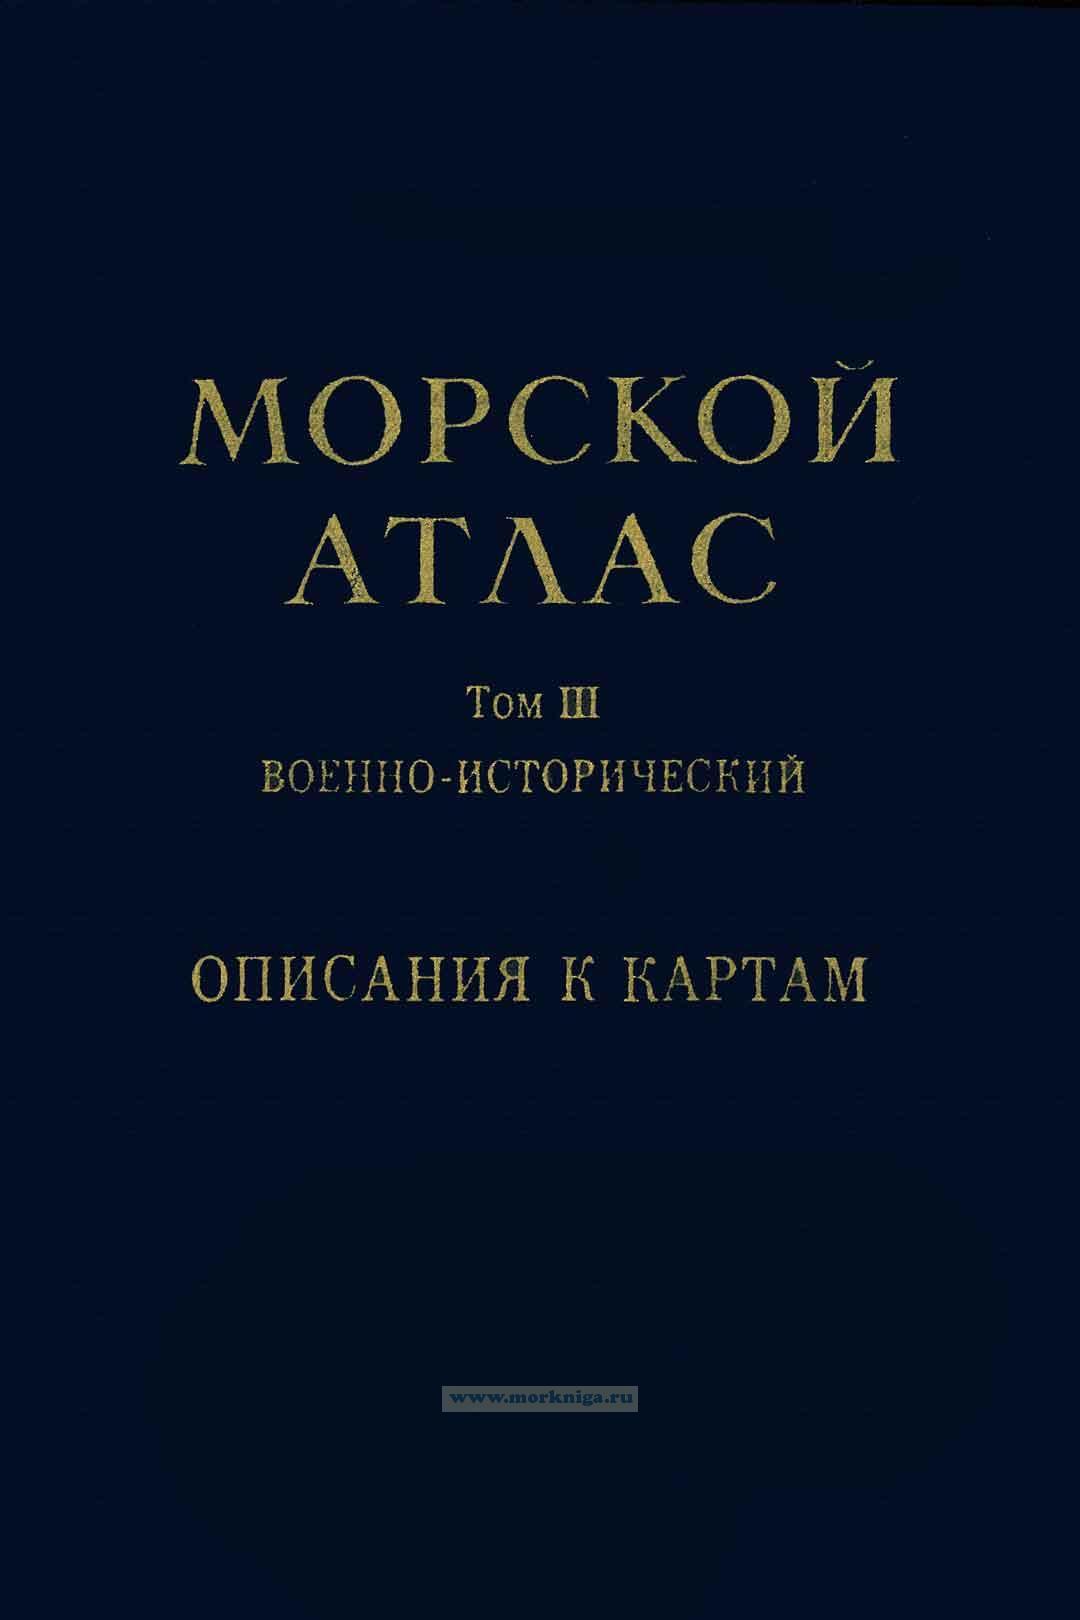 Морской атлас. Том III. Военно-исторический. Часть вторая. Описания к картам